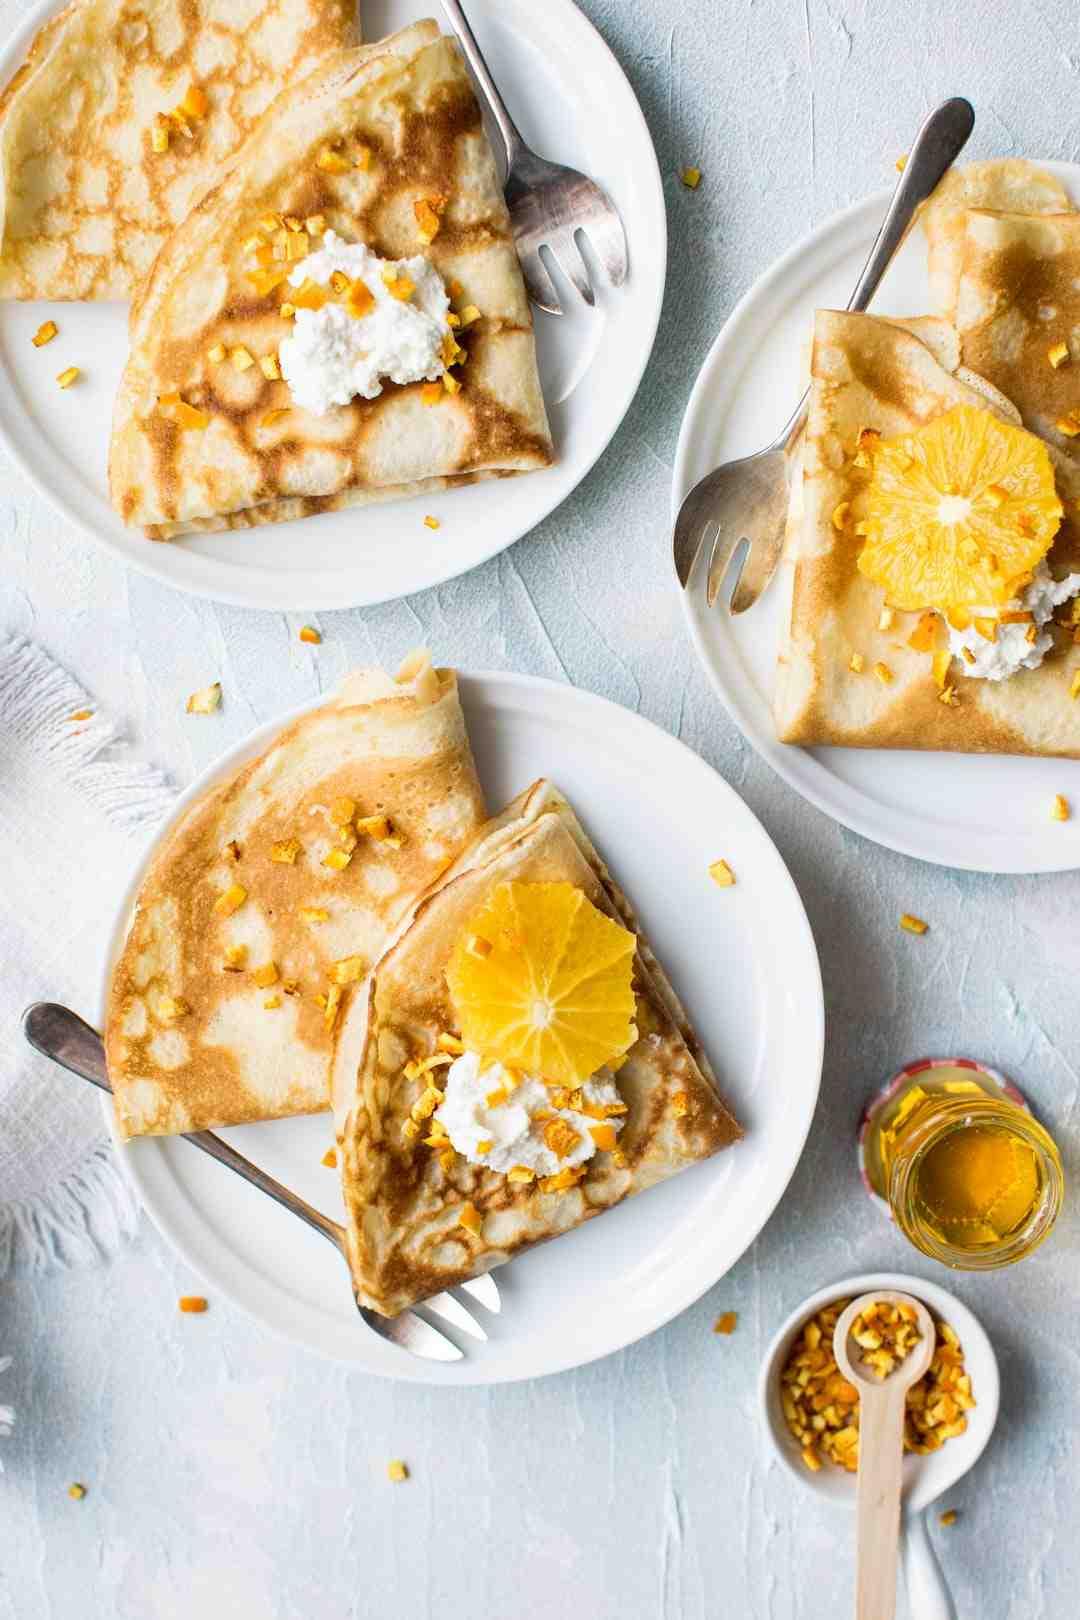 Comment étaler correctement la pâte à crêpes?